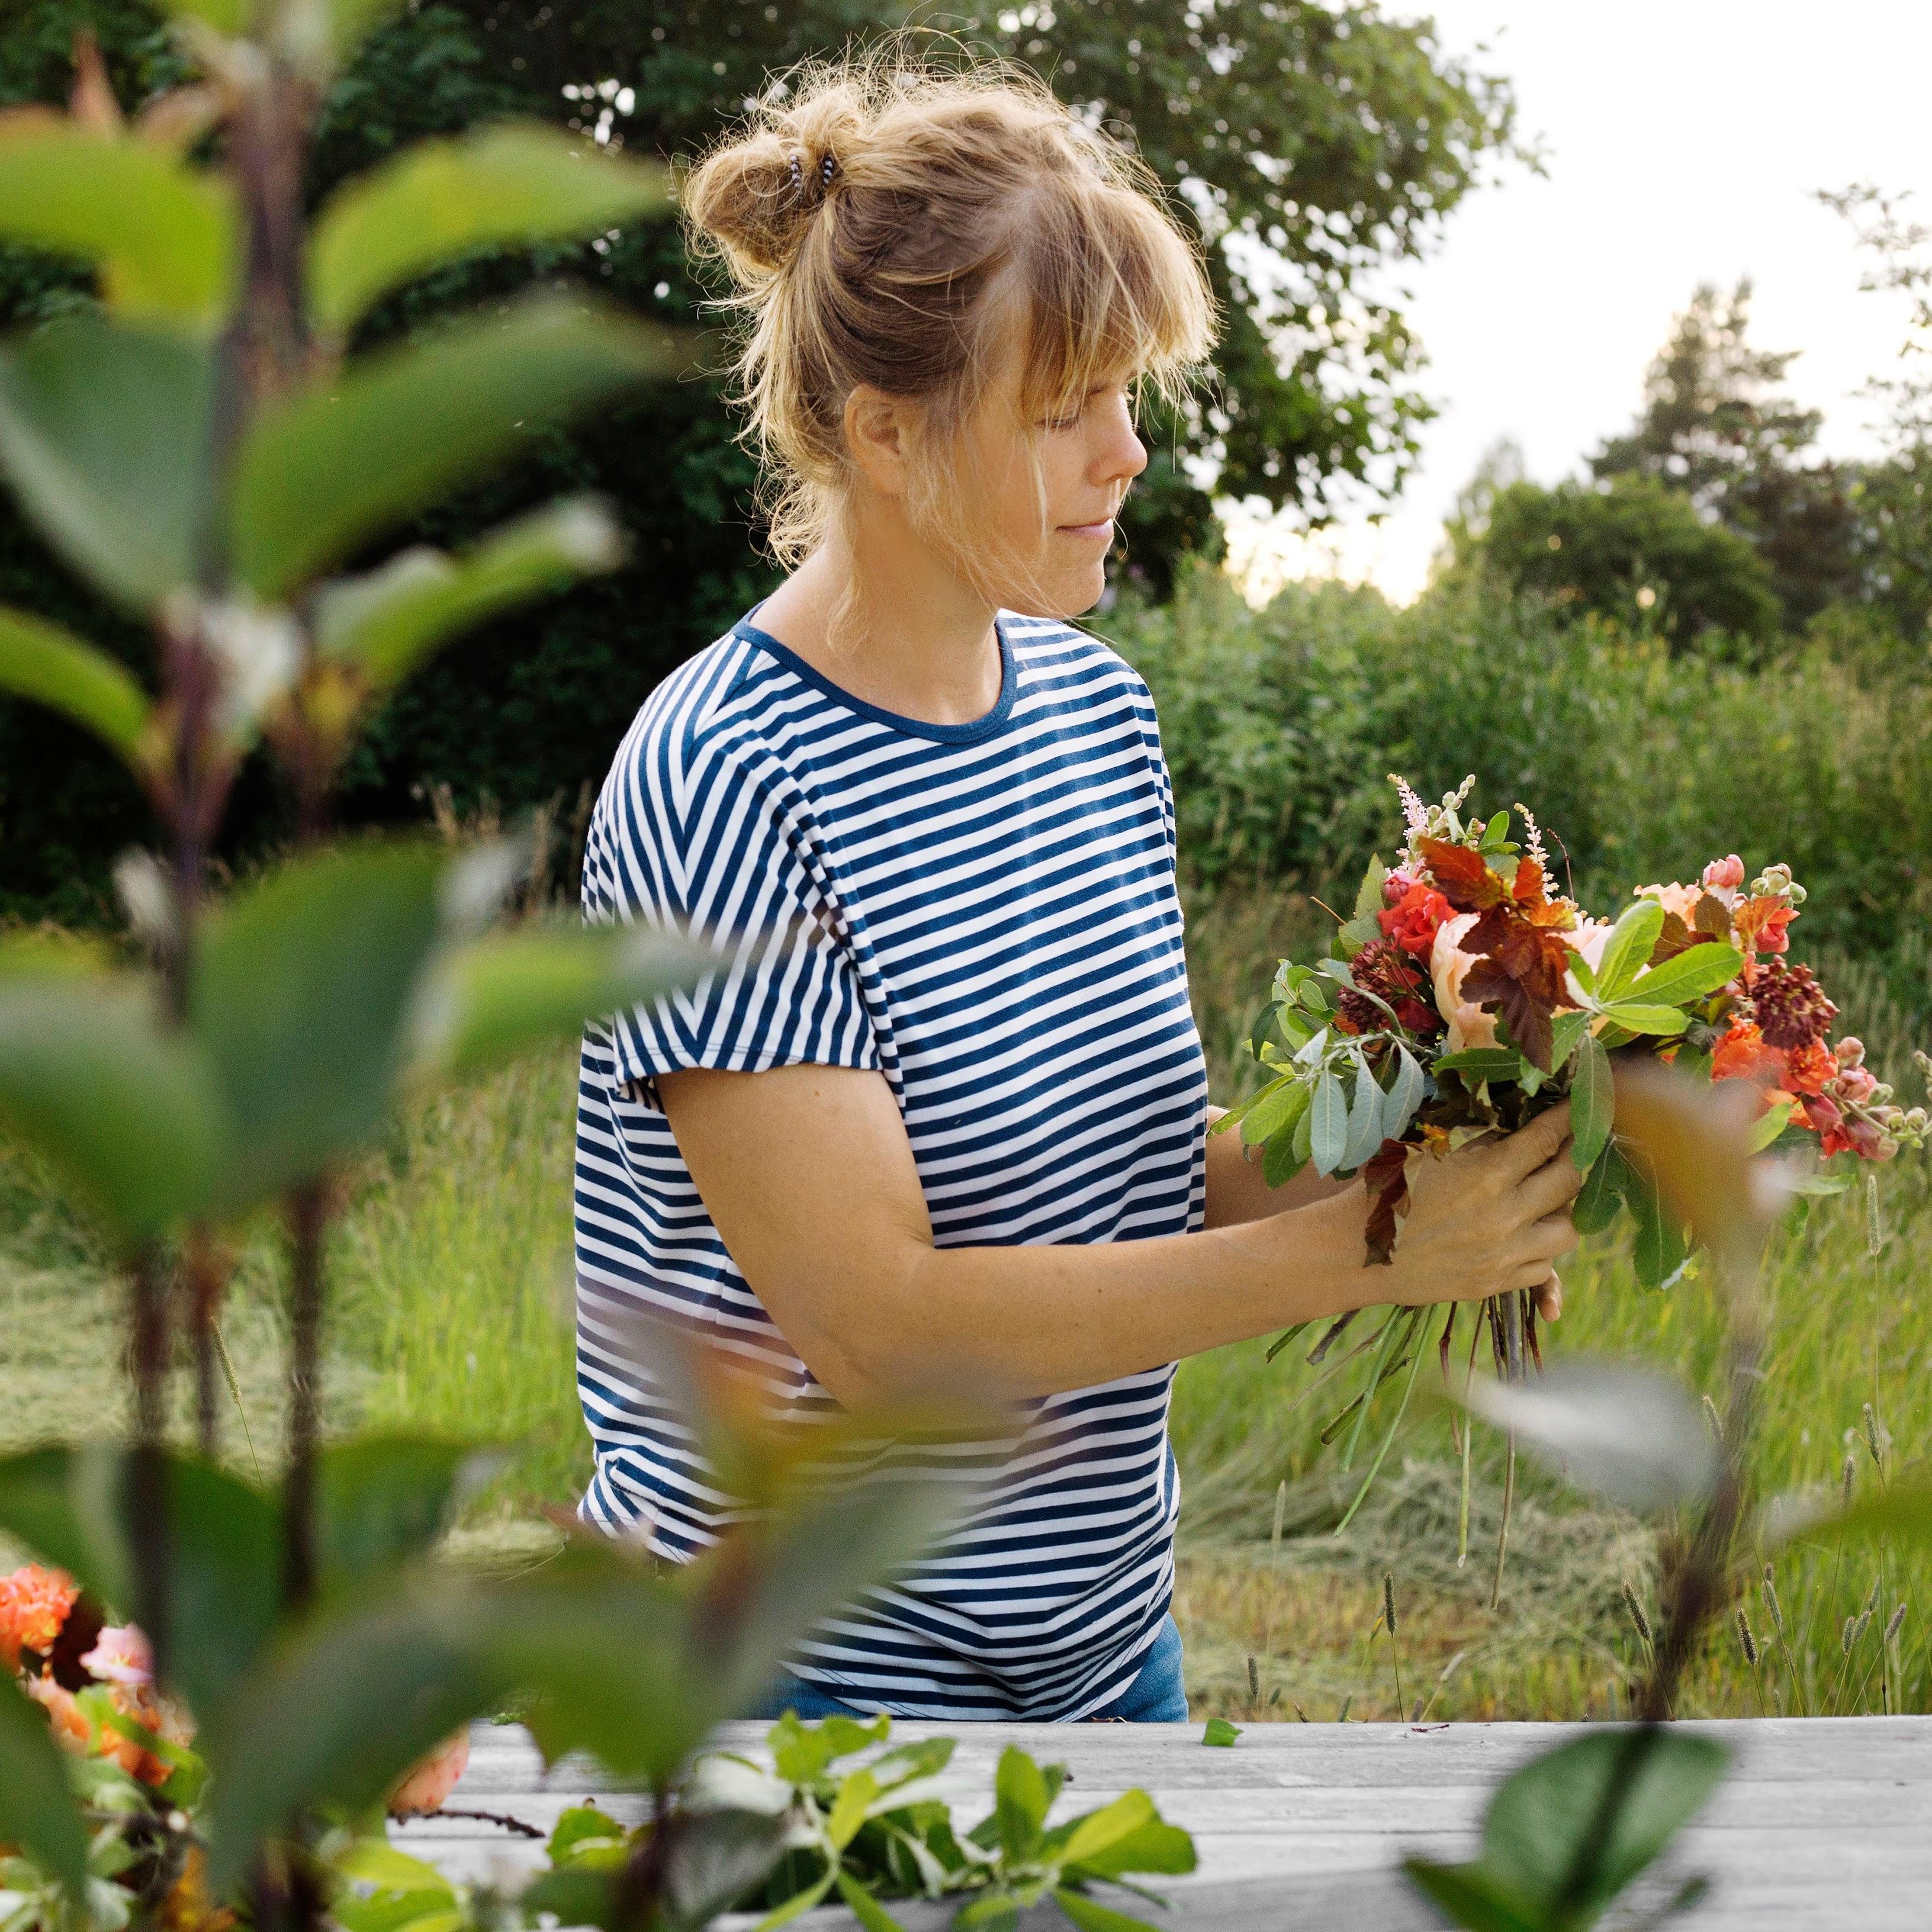 Blomsterhagen_innledning_3_Foto_Nina_Ruud_1_